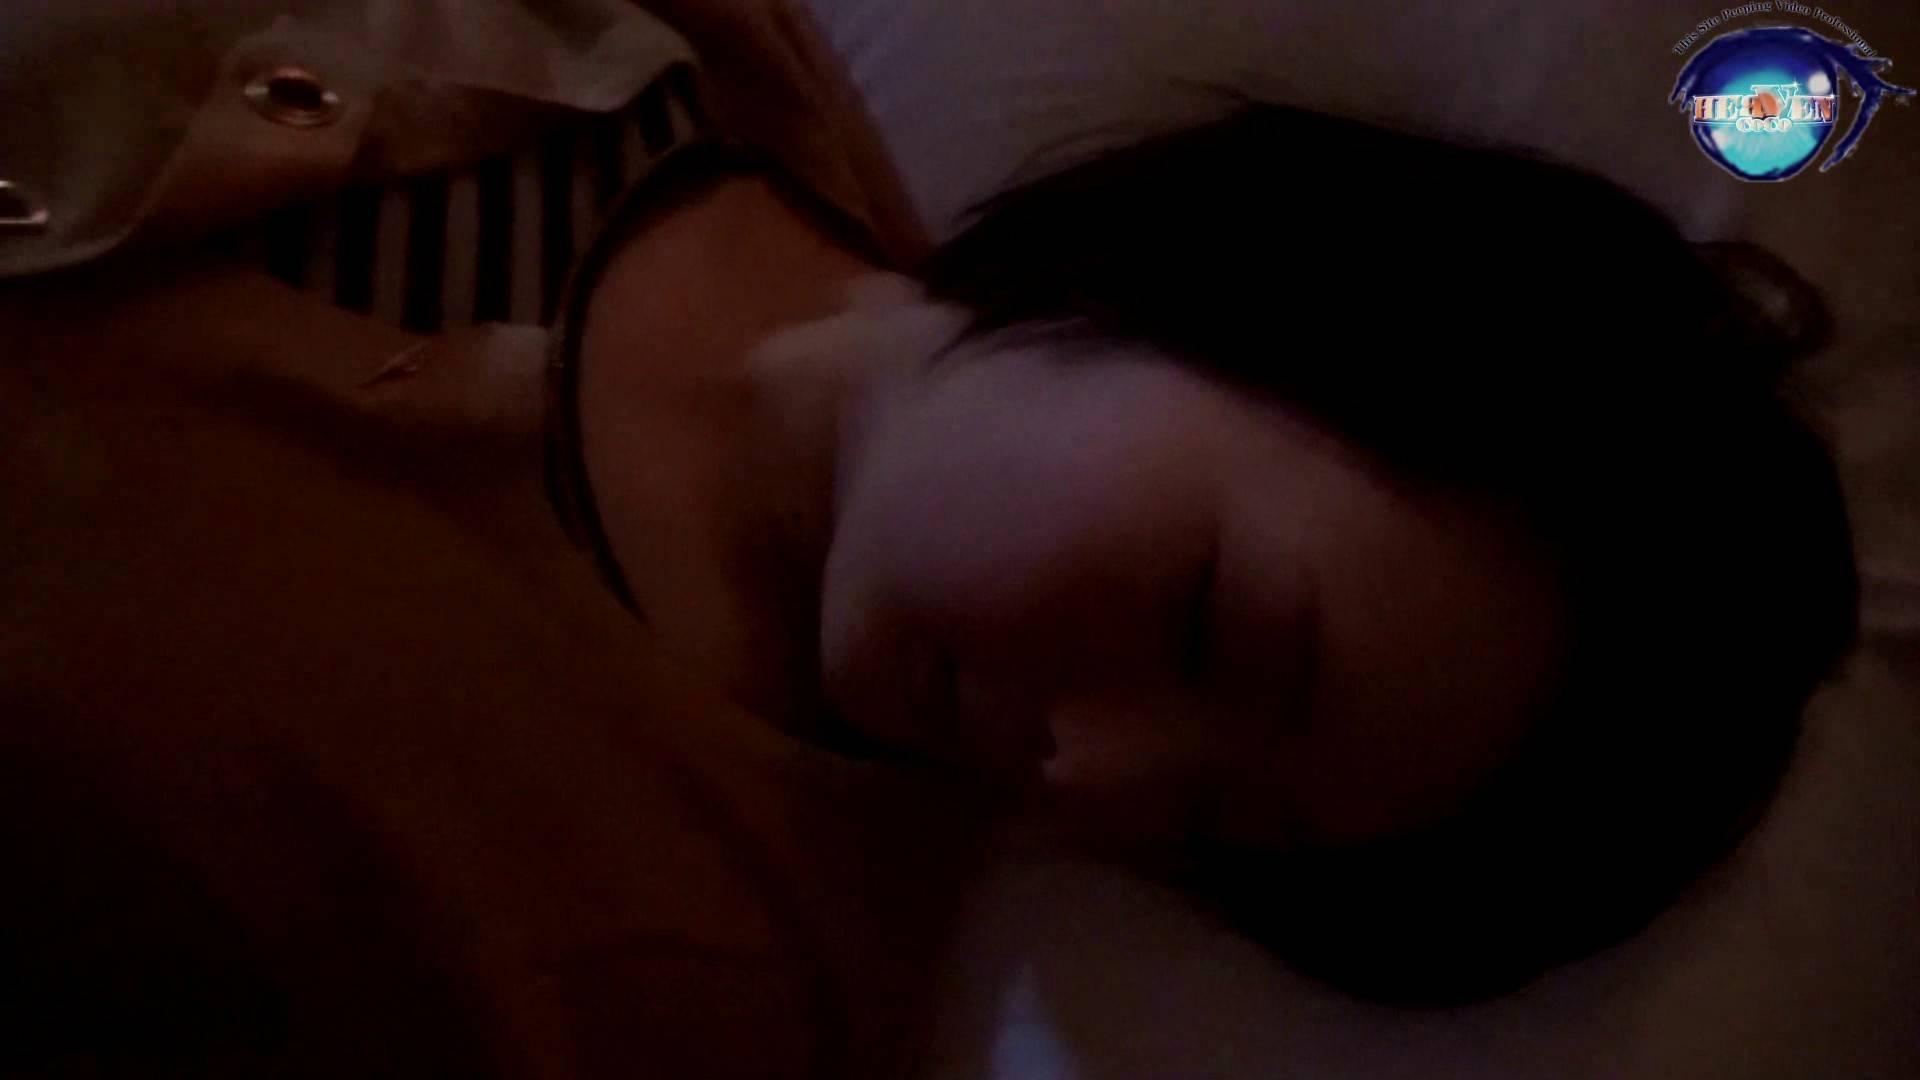 睡魔 シュウライ 第参壱話 前半 女子大生のエロ動画 | イタズラ動画  94PIX 39